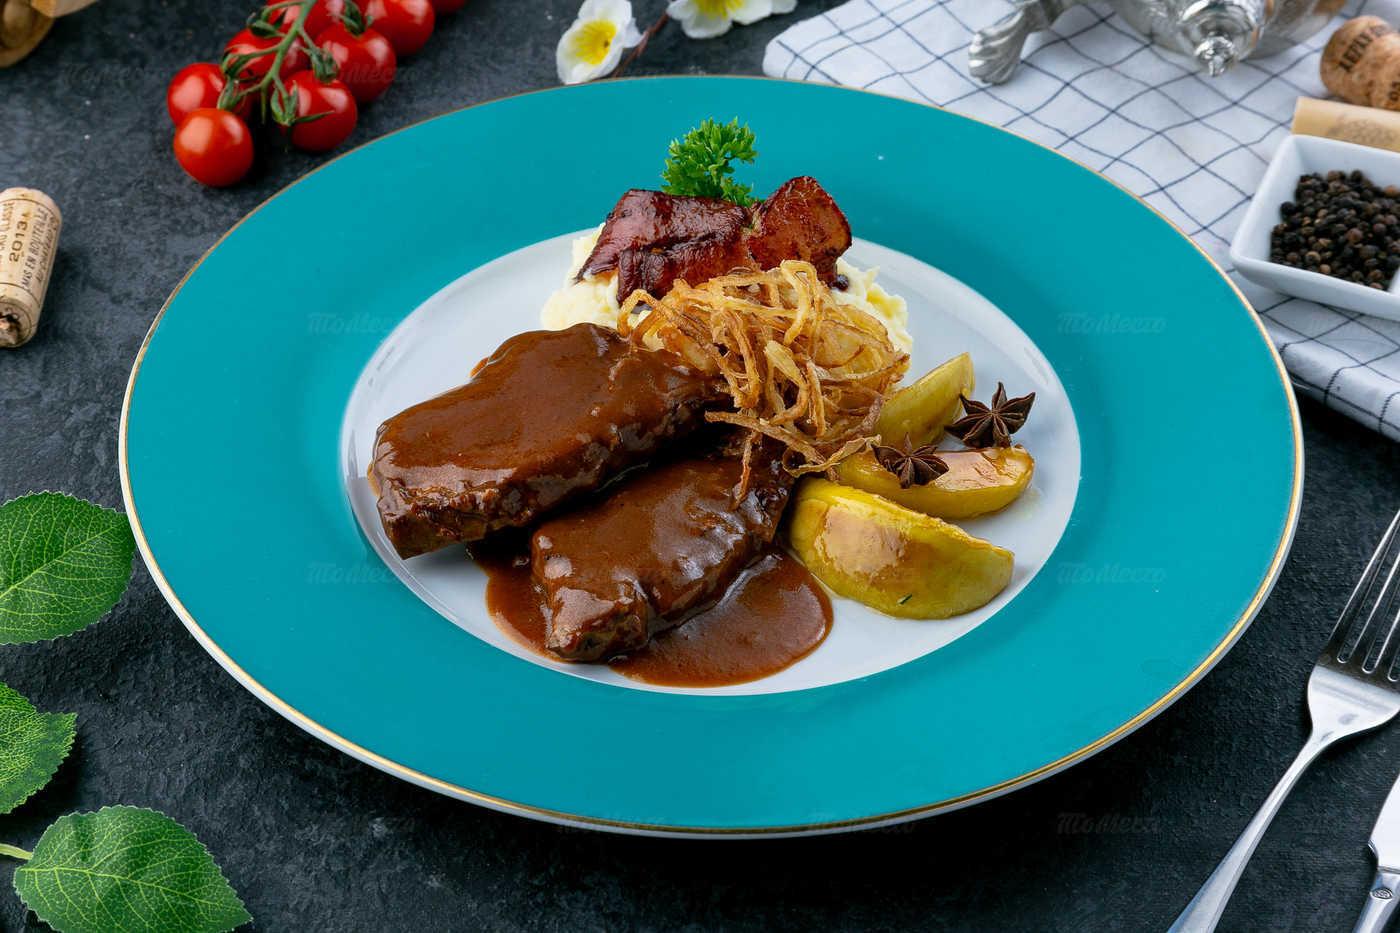 Меню ресторана Швабский Домик на Новочеркасском проспекте фото 99